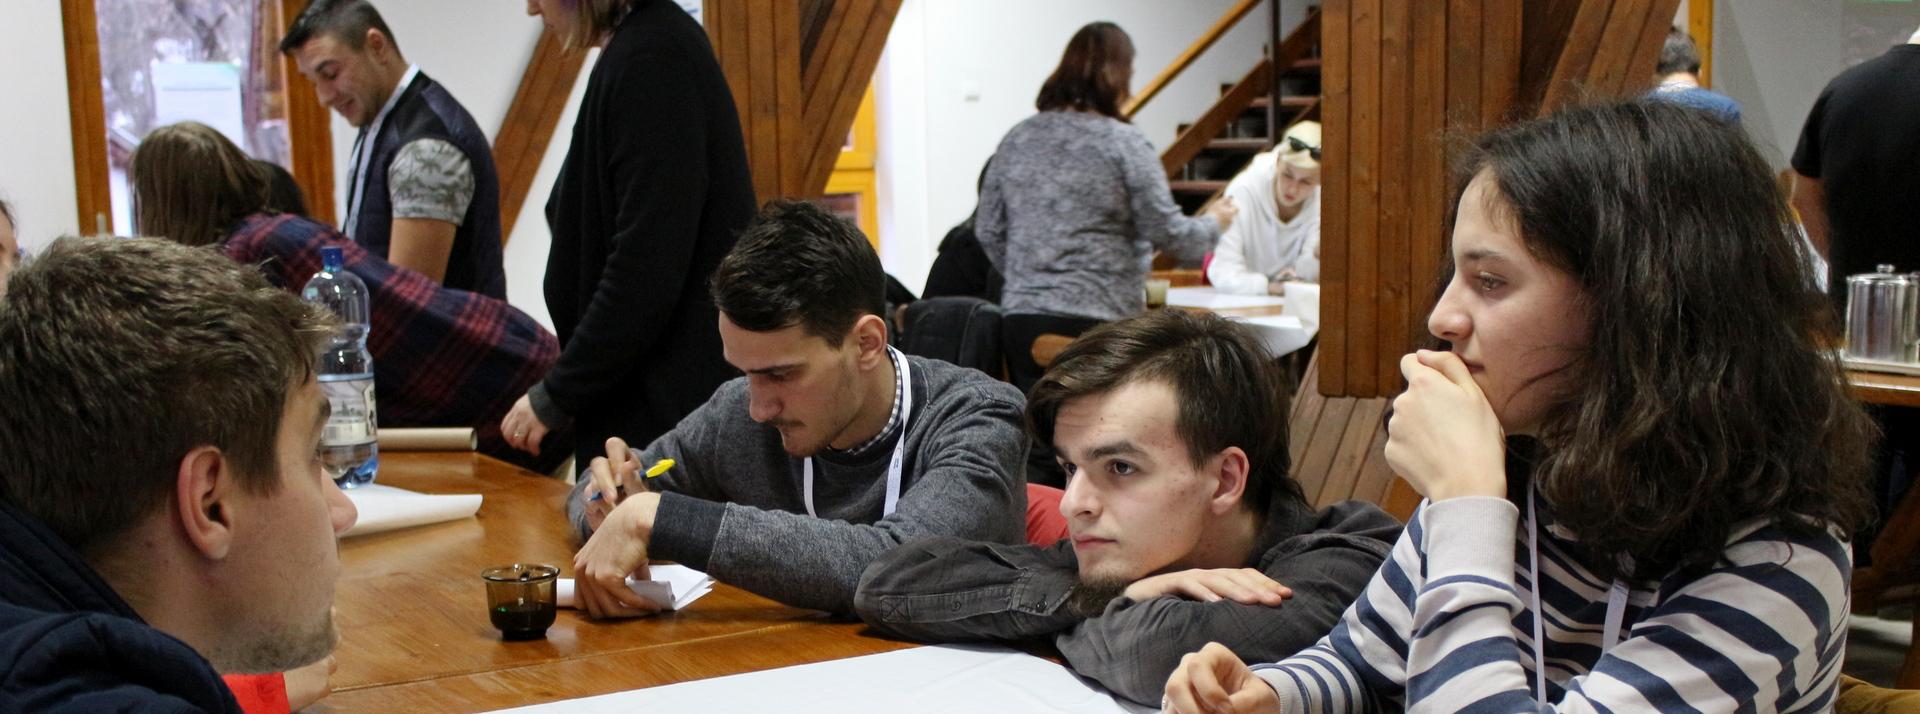 Lansând CIVIT – un program pentru tineret, împreună cu Direcții Județene de Sport și Tineret